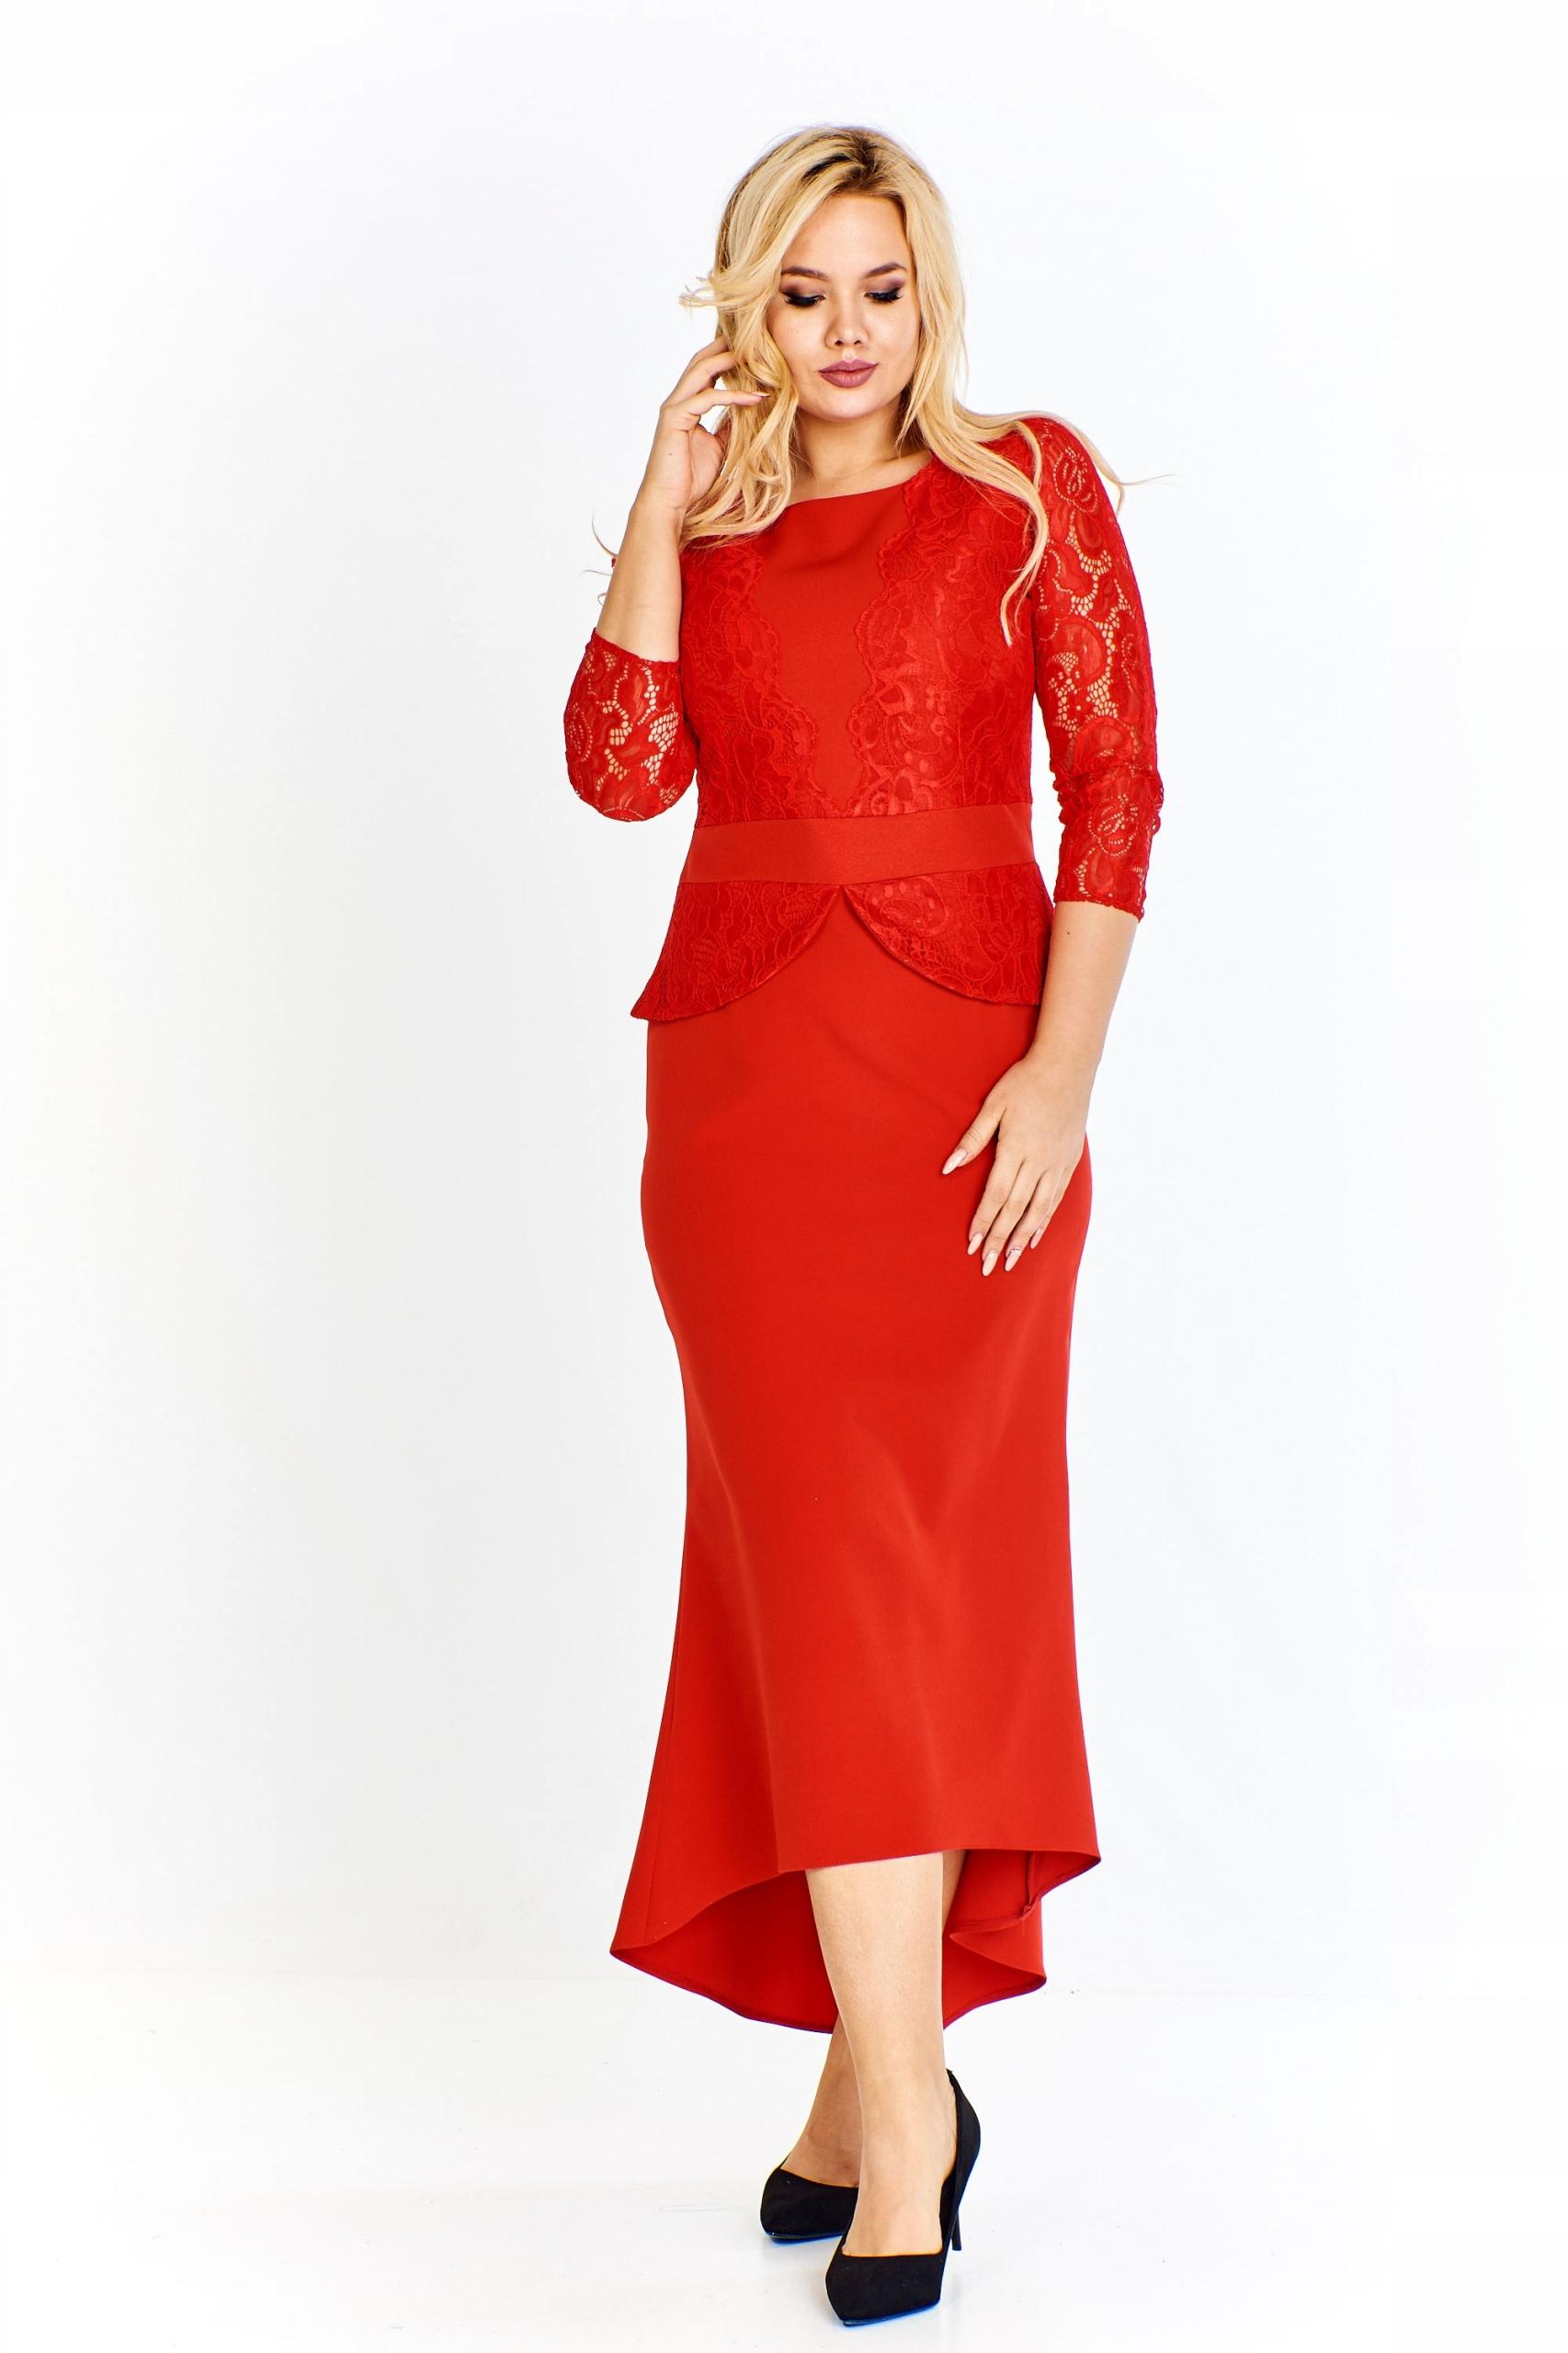 52f1940dcc Długa czerwona sukienka z koronkową górą 44 - 7713443729 - oficjalne ...